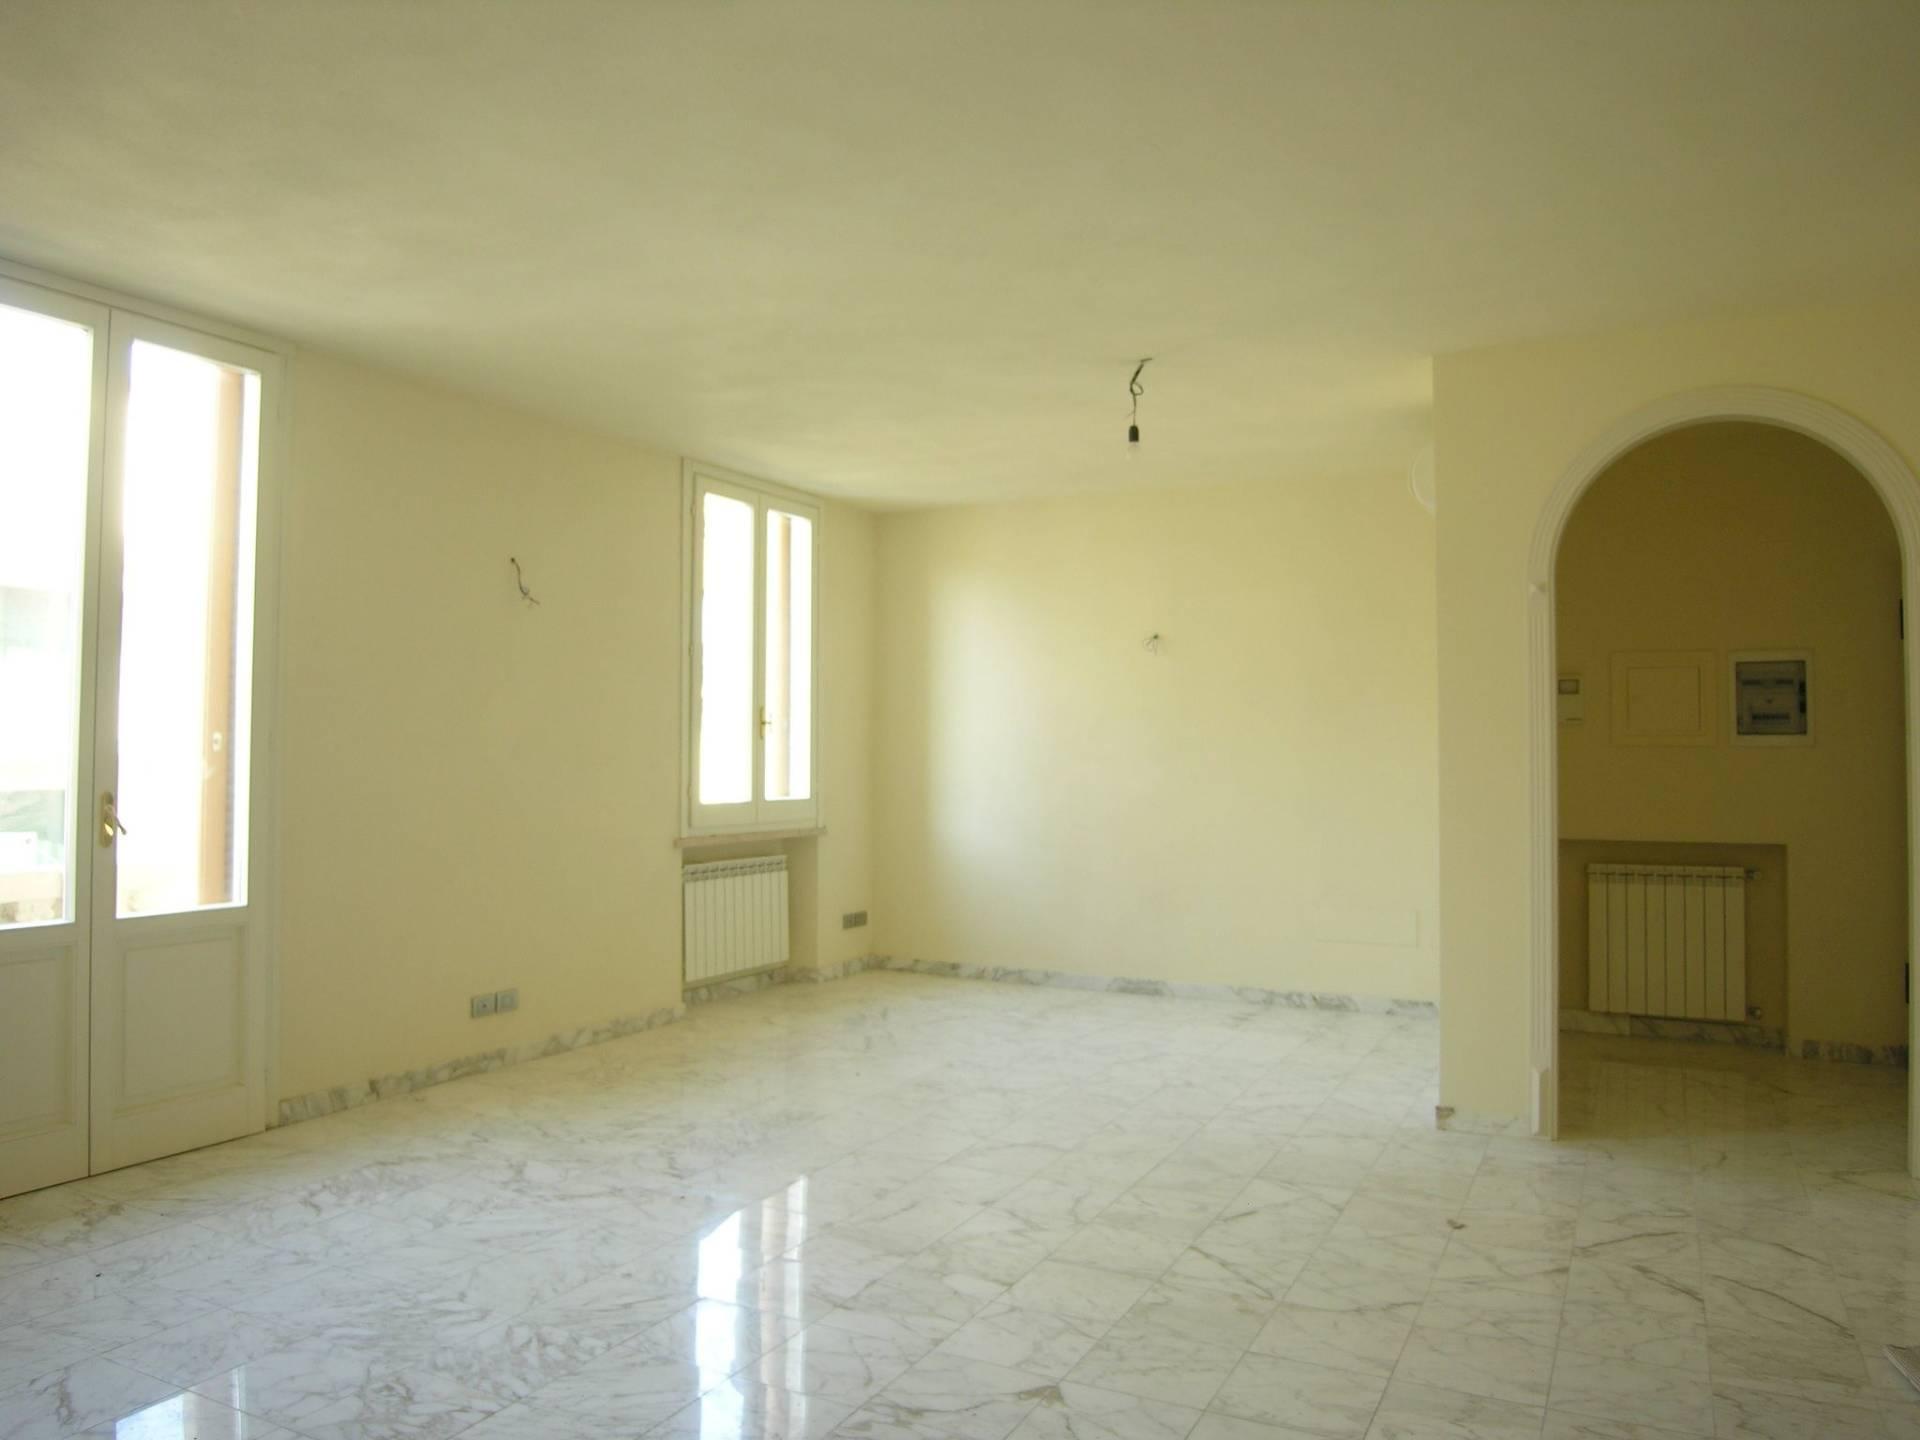 Attico / Mansarda in vendita a Viareggio, 6 locali, prezzo € 895.000   PortaleAgenzieImmobiliari.it